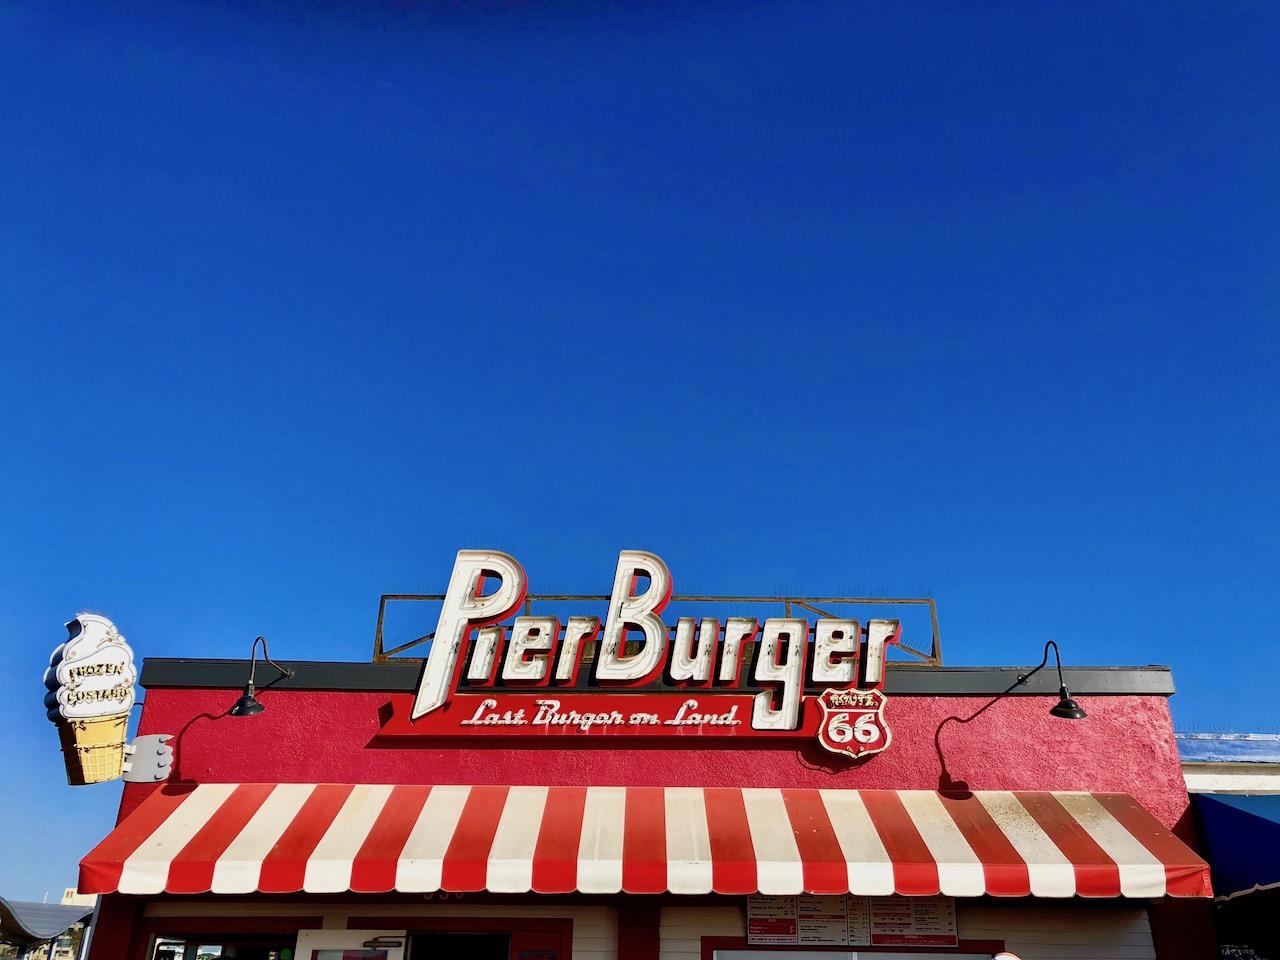 Los Angeles Santa Monica Pier Burger